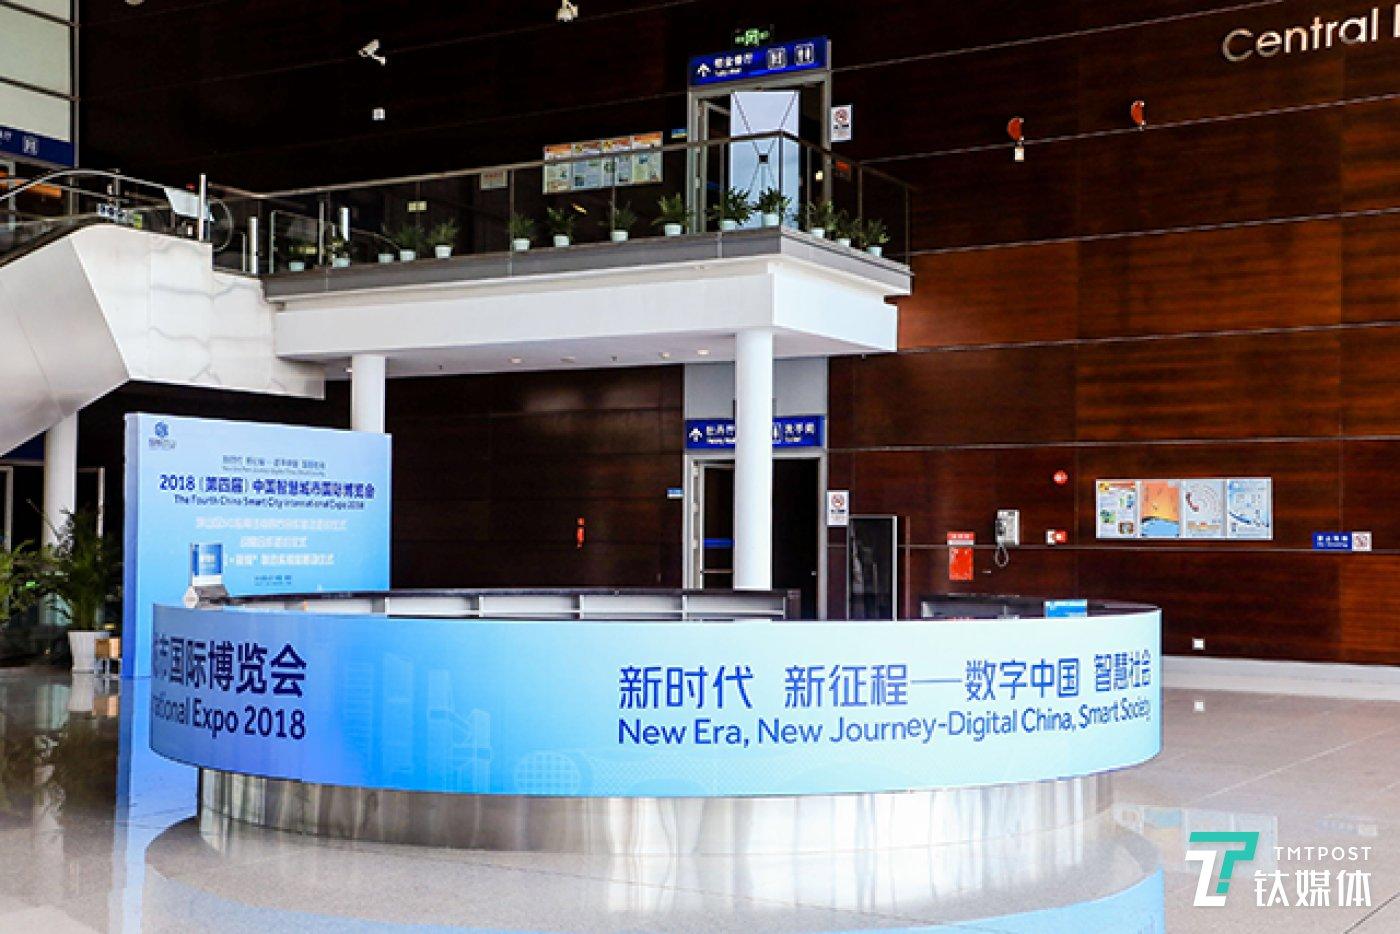 第四届中国智慧城市国际博览会在深圳开幕